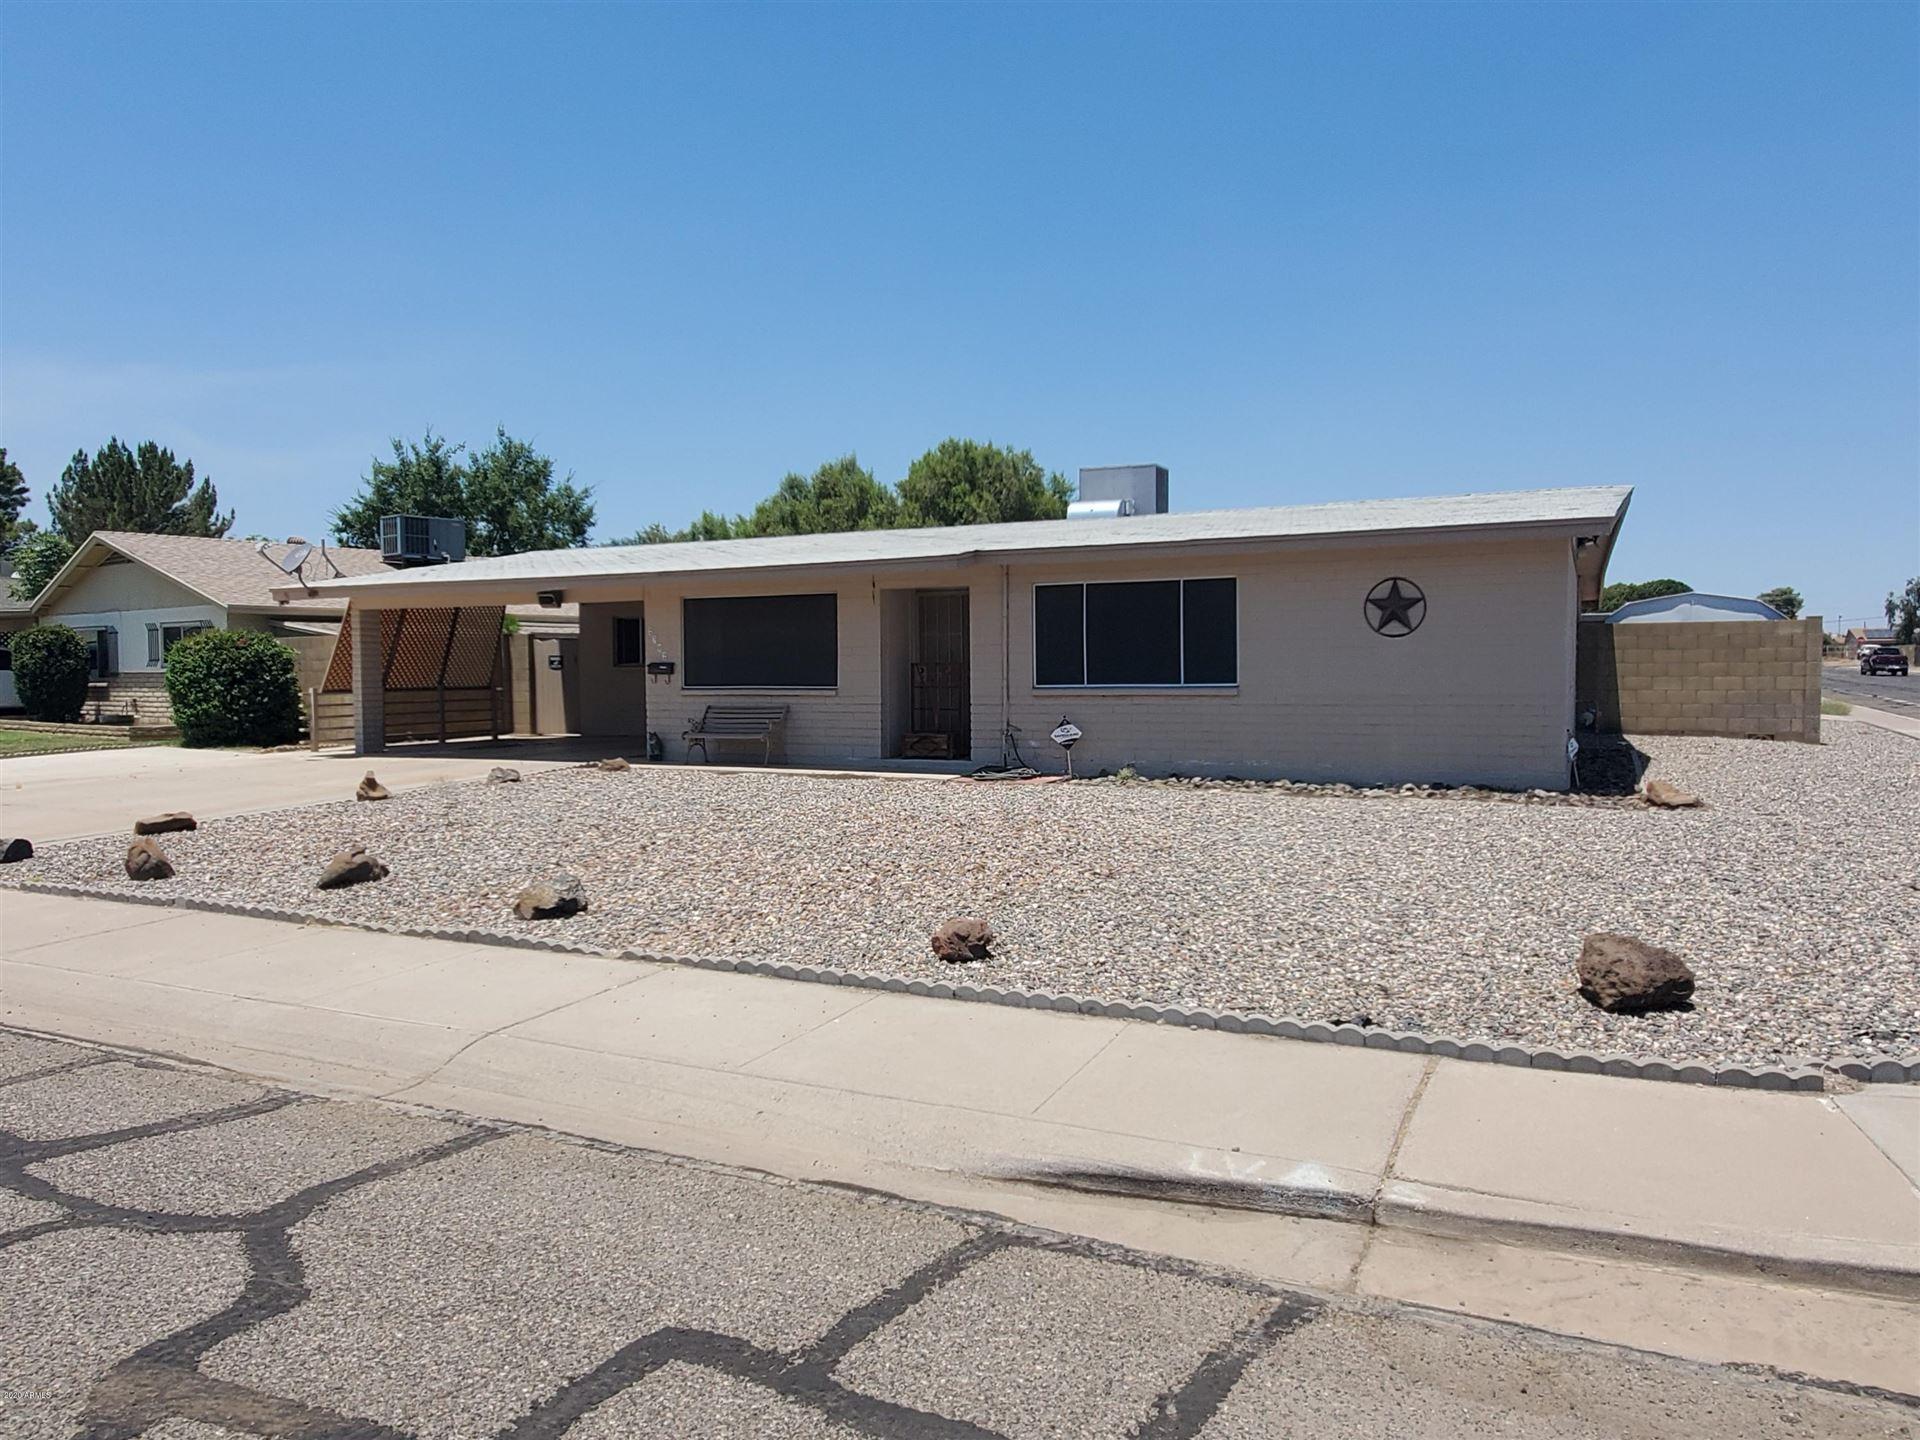 2302 W WINDROSE Drive, Phoenix, AZ 85029 - MLS#: 6102384